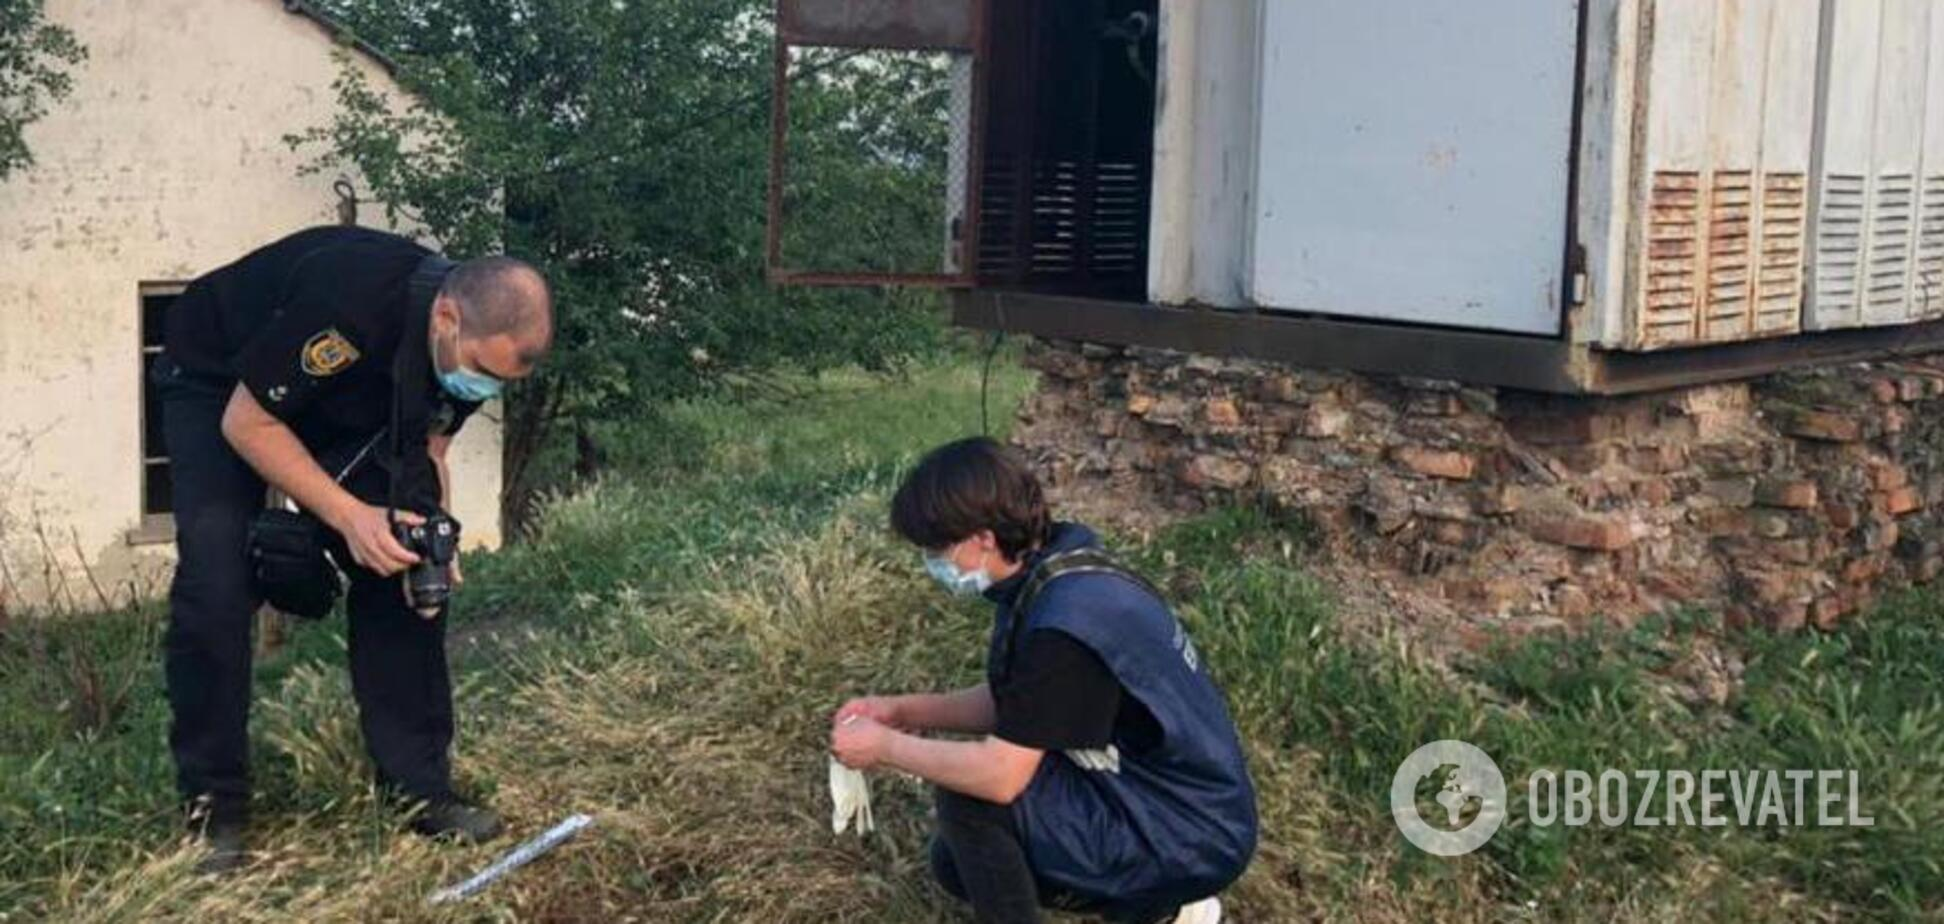 В Одесской области 5-летний мальчик погиб в трансформаторной будке, пока отец отдыхал возле озера